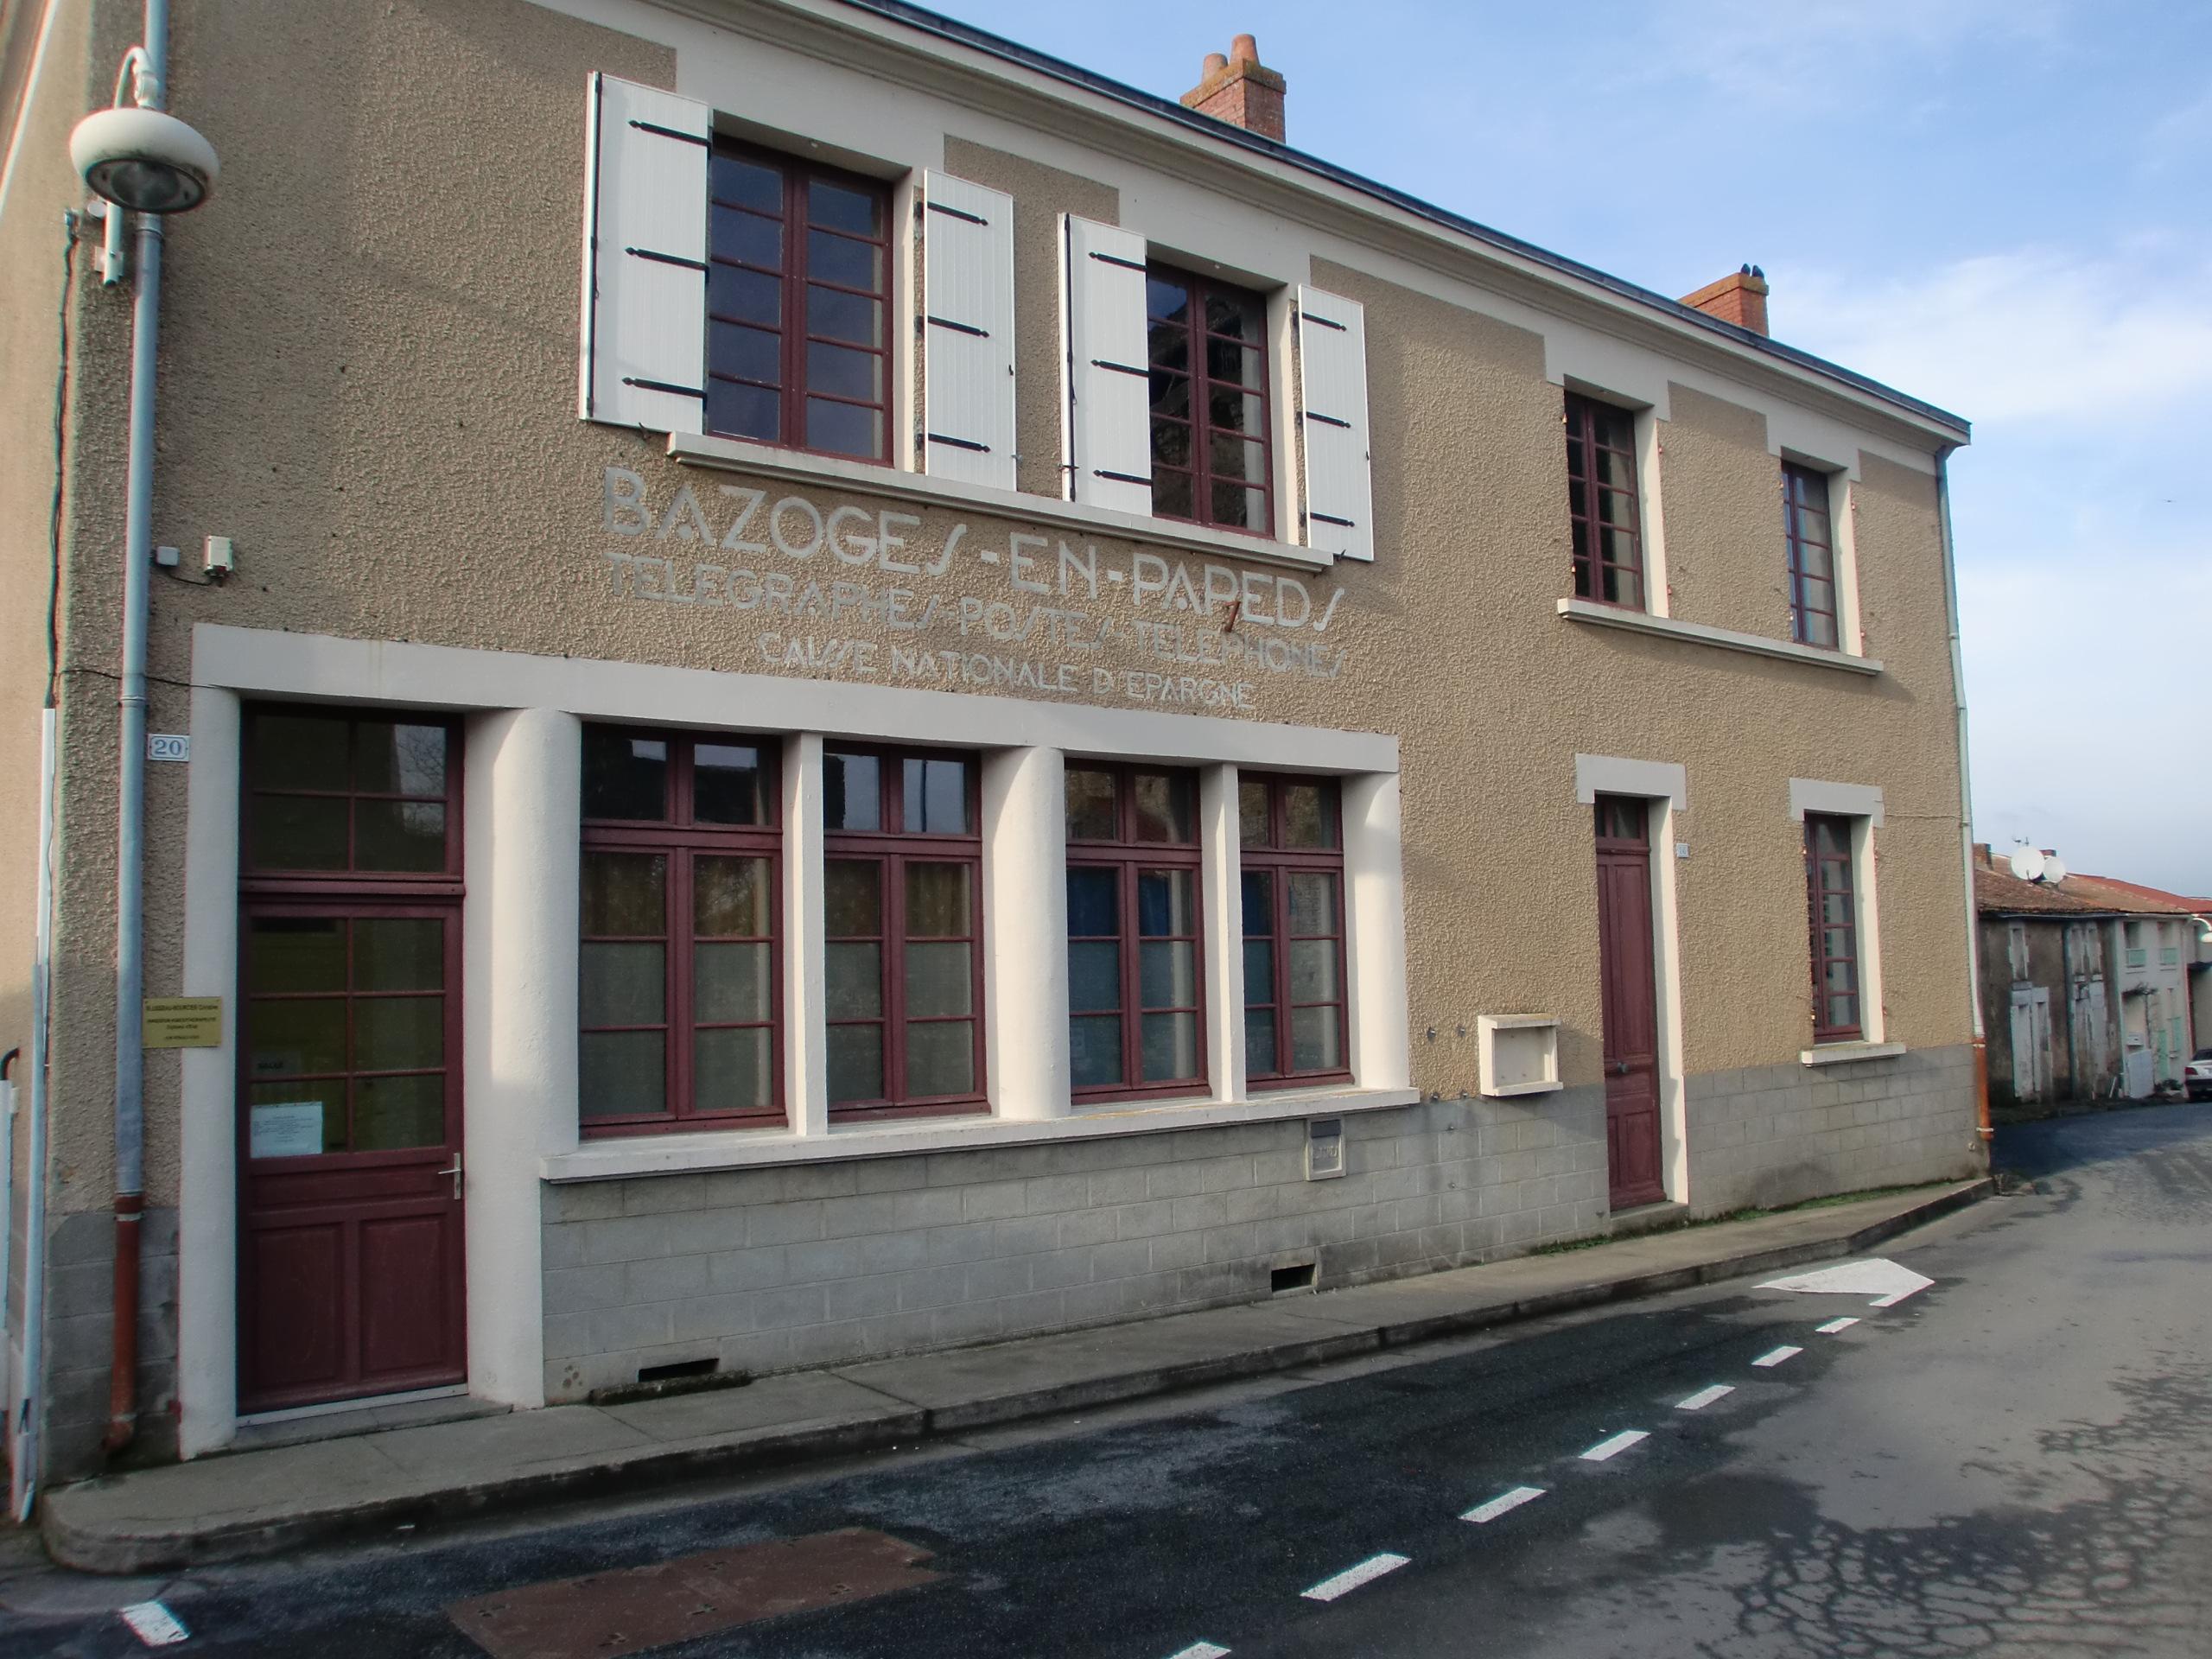 Cabinet Blusseau-Bourcier